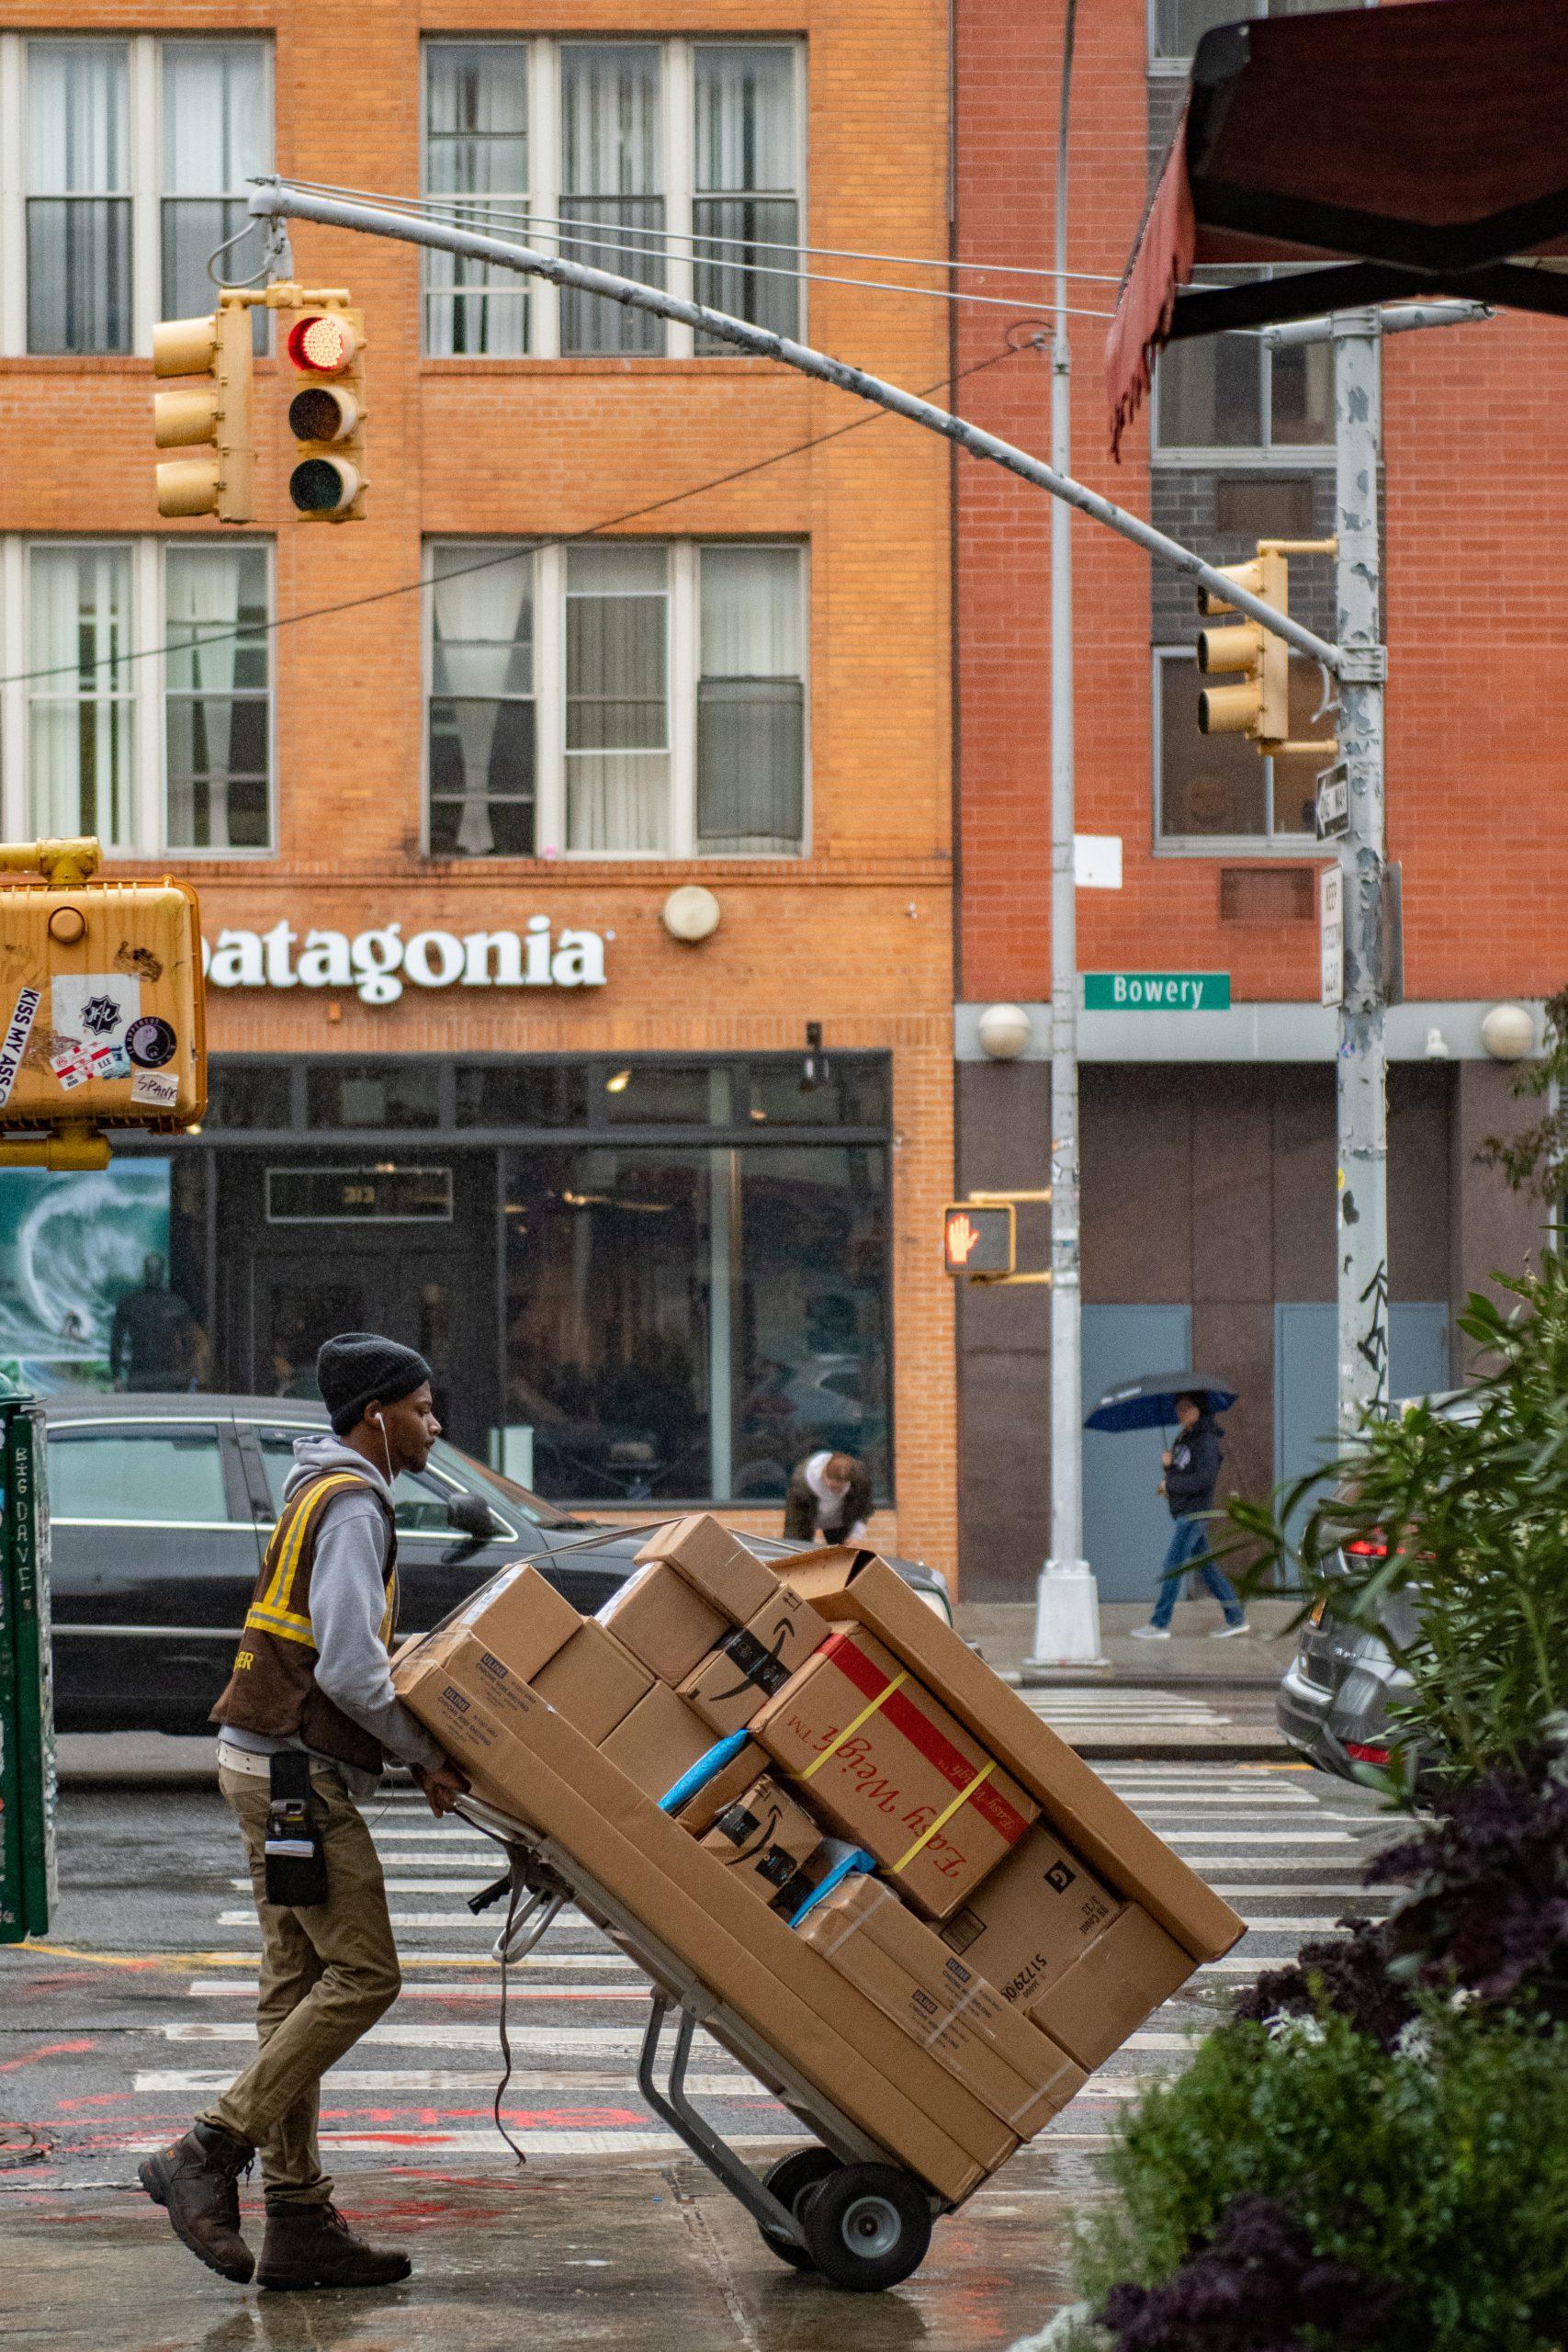 Livreur en rue qui transporte des caisses sur un diable